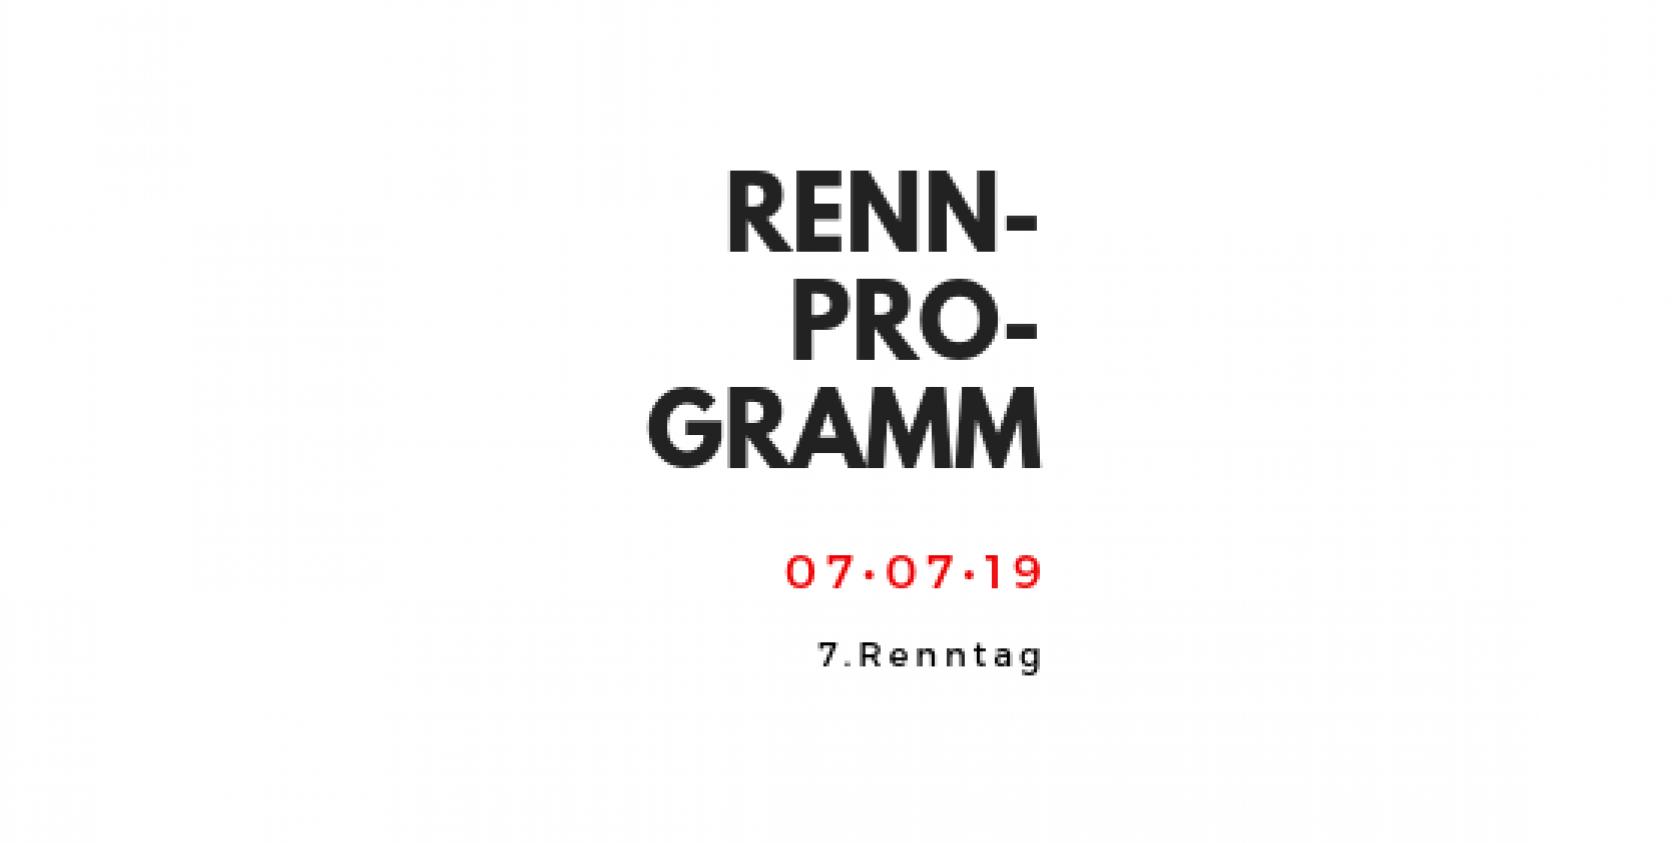 Rennprogramm für den 7. Renntag, Sonntag 07. Juli 2019